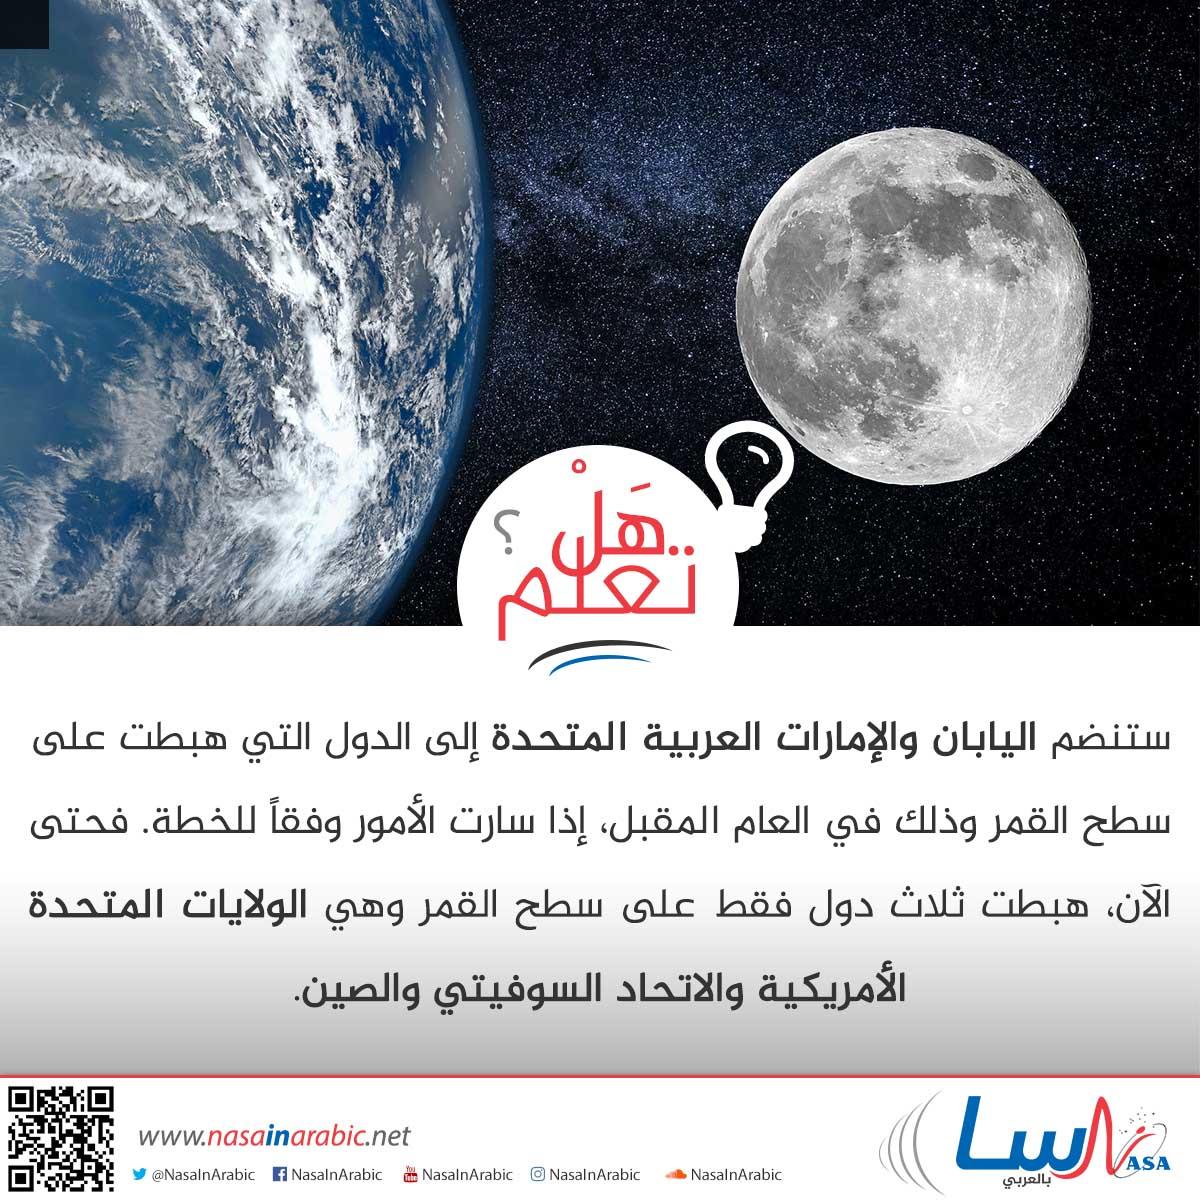 الهبوط على سطح القمر